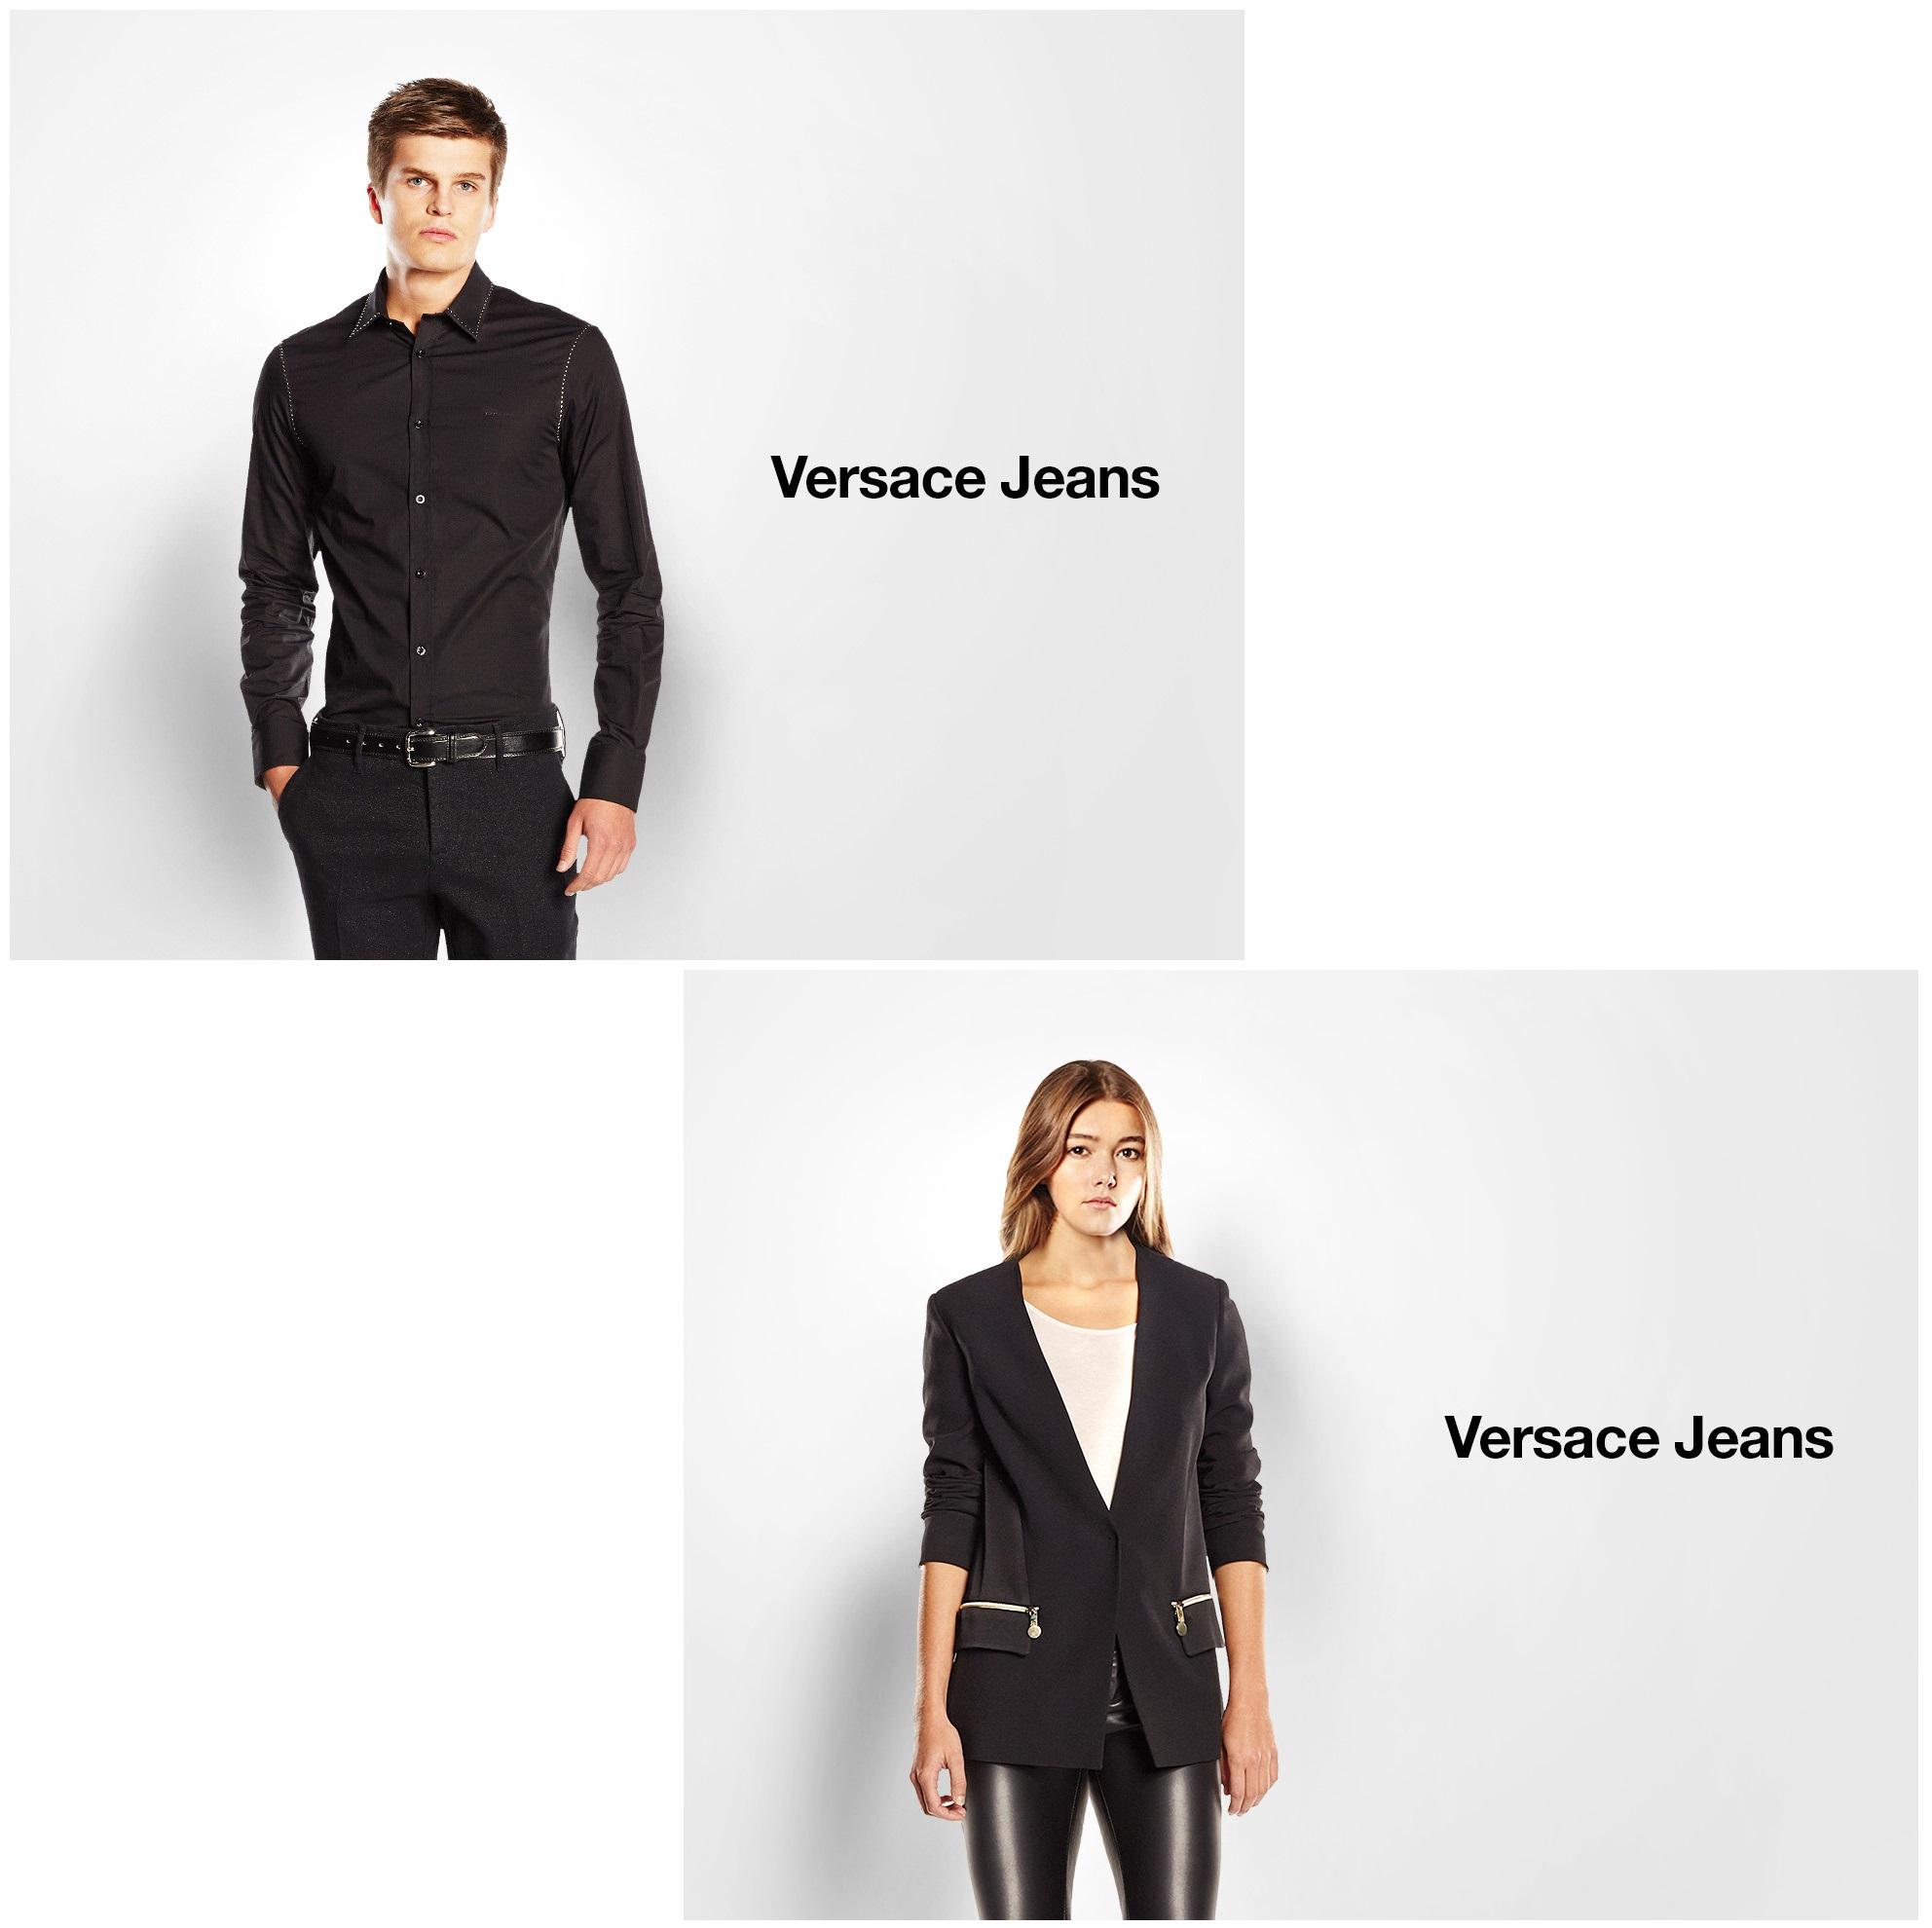 Versace Jeans男女服饰